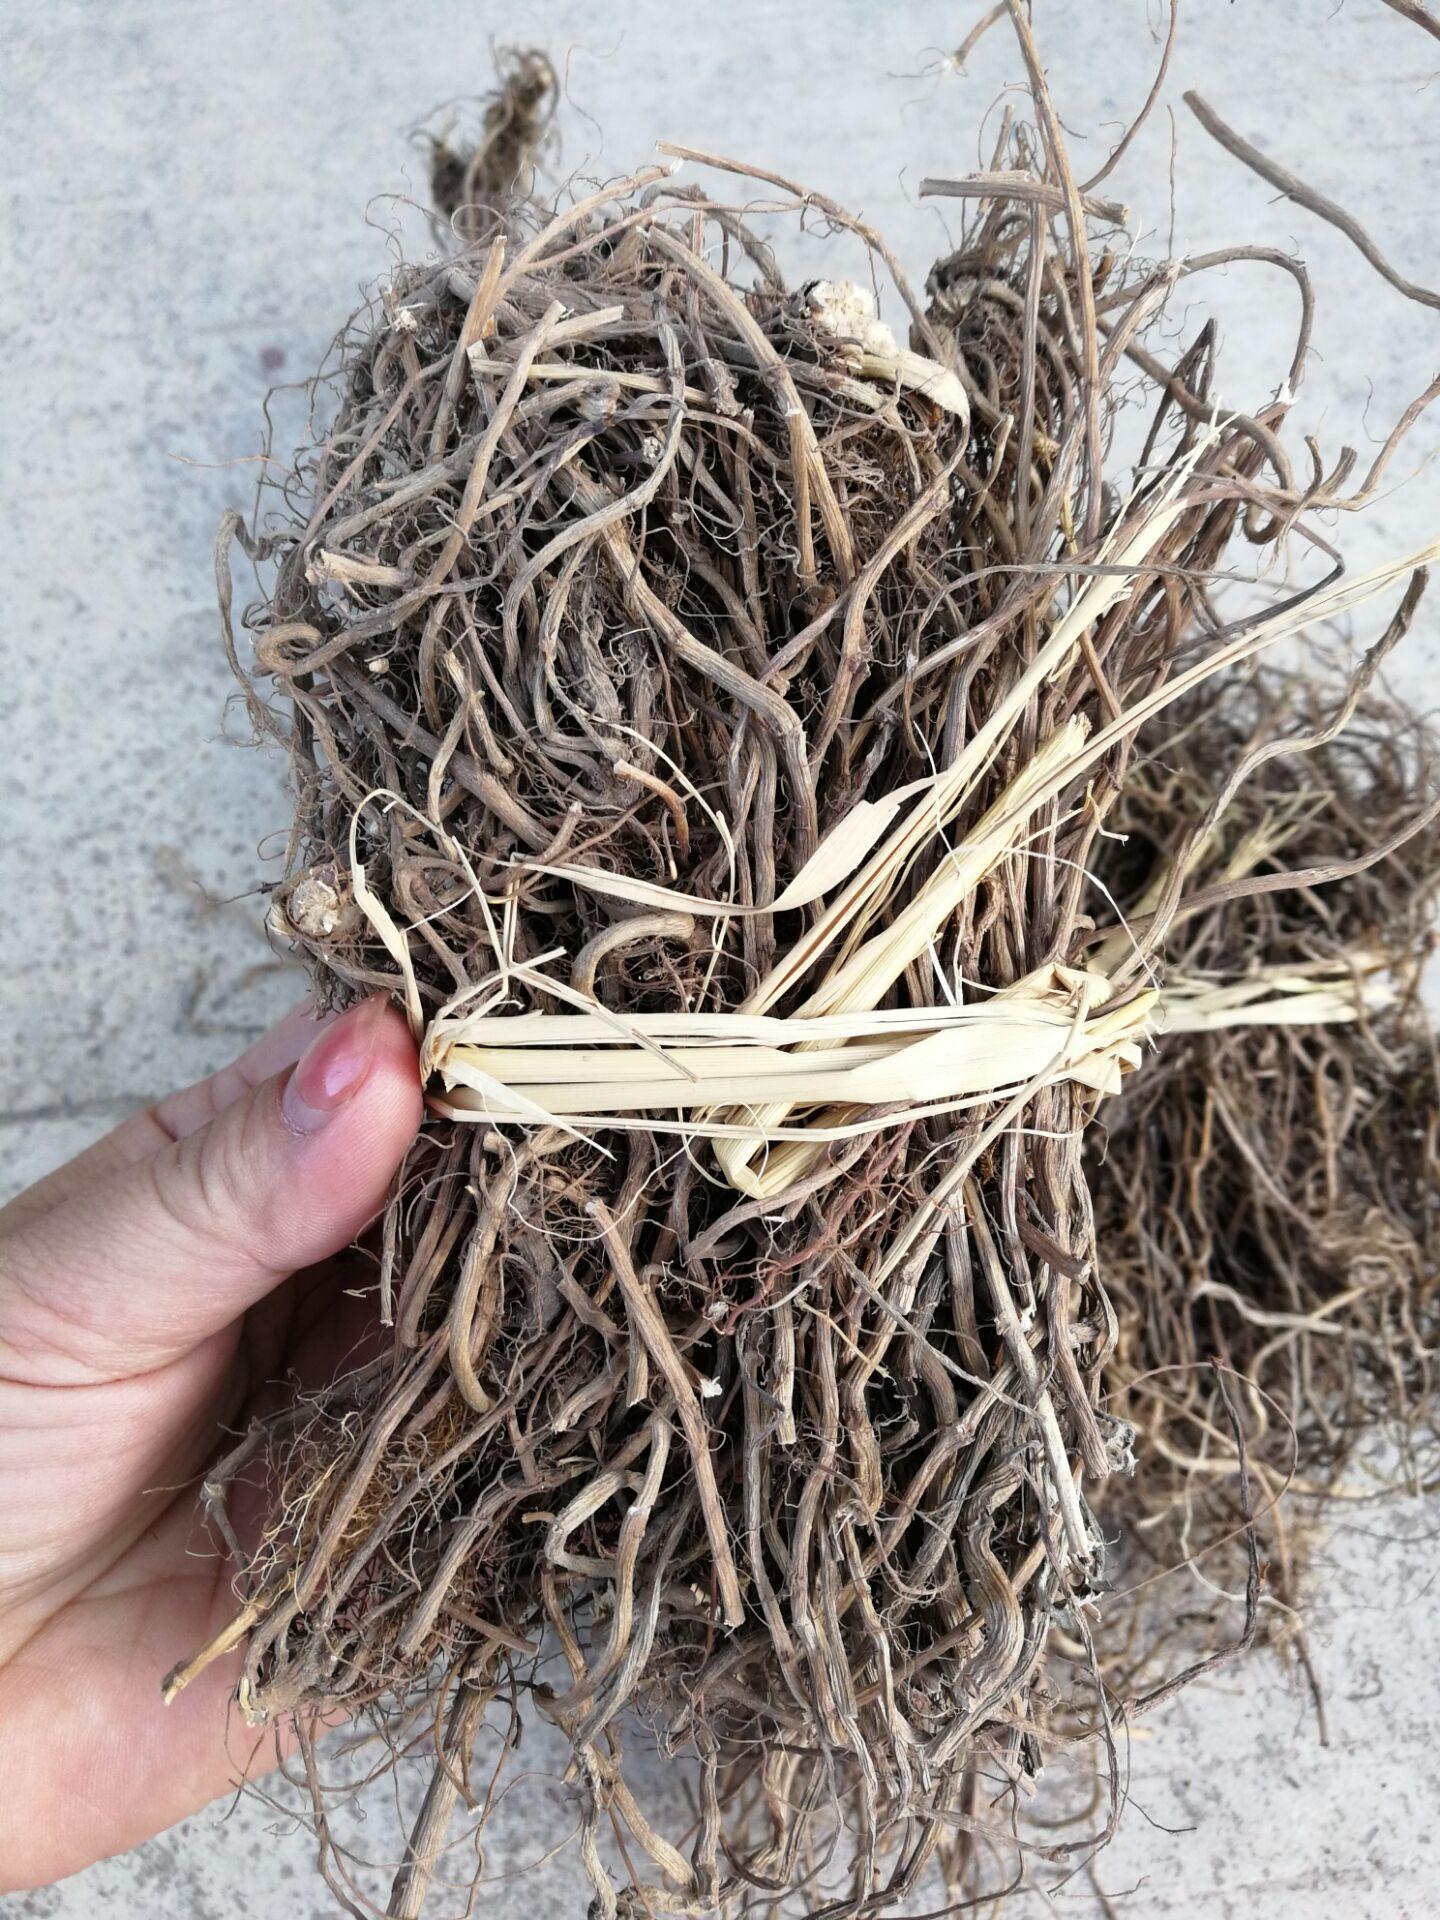 艾根蕉岭艾根梅州特产五月野生老艾根滋补煲汤 月子草1斤全国包邮